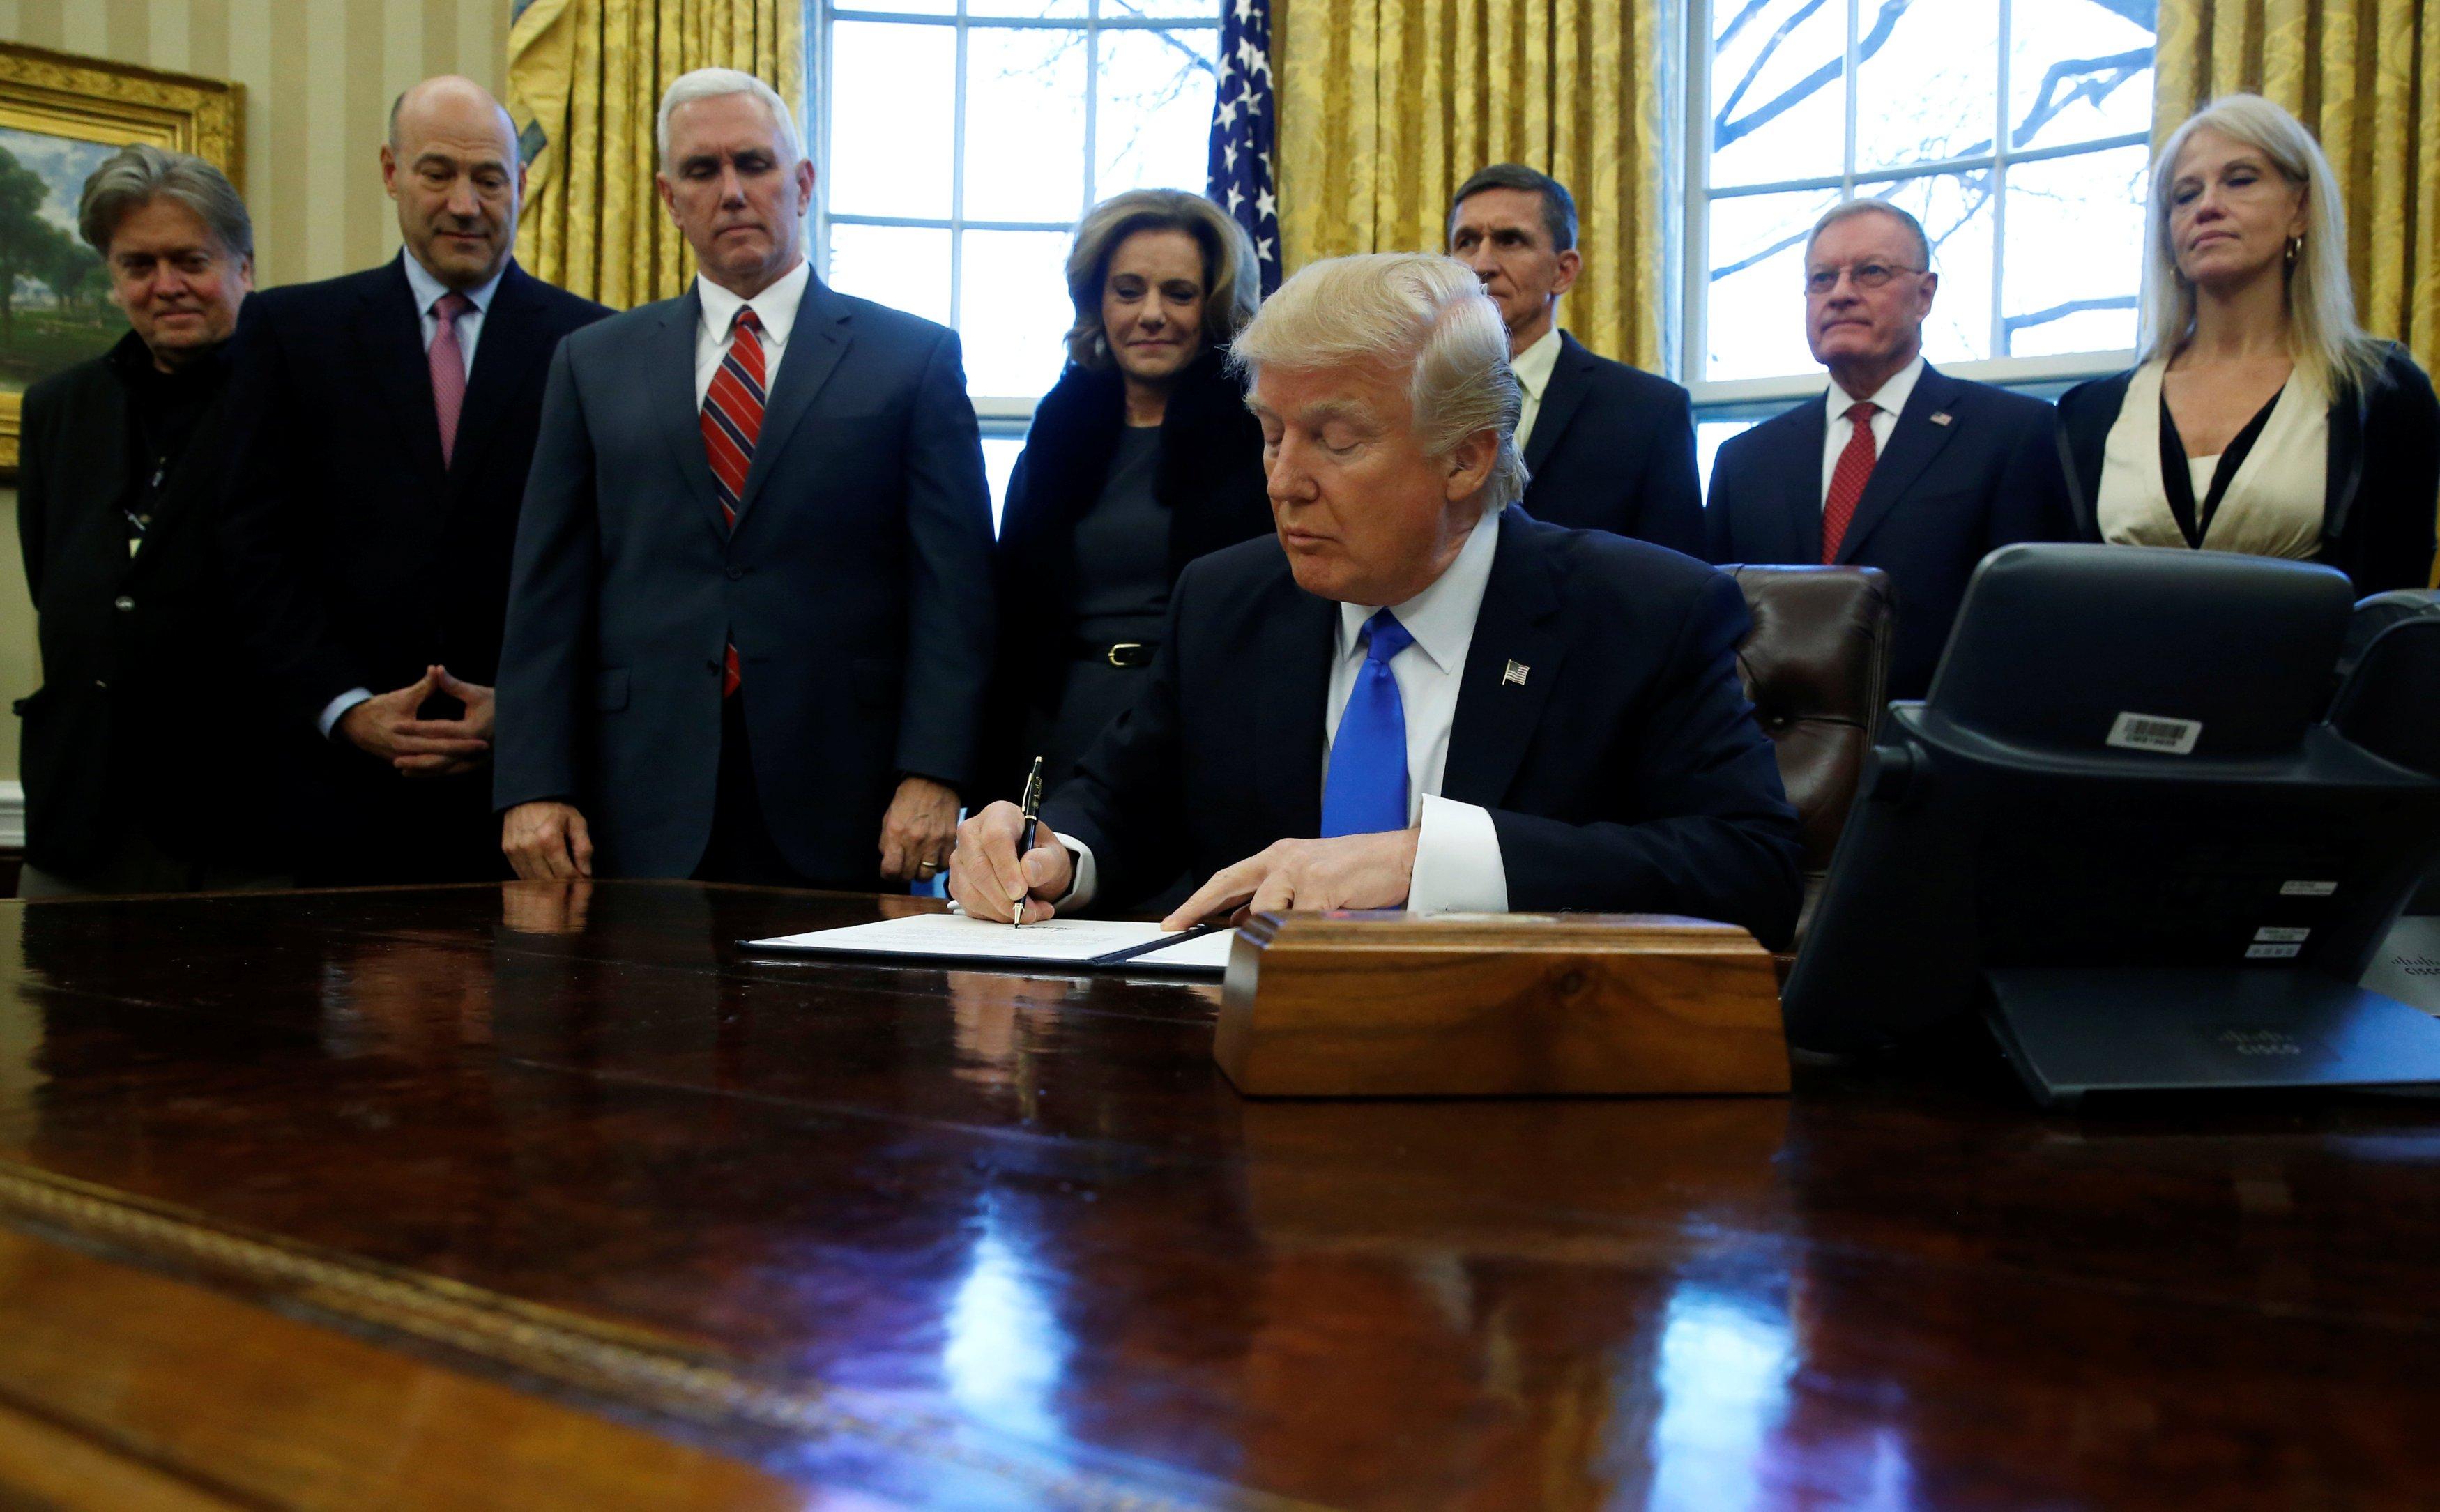 Trump menetapkan larangan masuk ke AS selama 120 hari bagi pencari suaka dan larangan masuk selama 90 hari terhadap warga negara Irak, Libia, Somalia, Sudan, Suriah, dan Yaman.